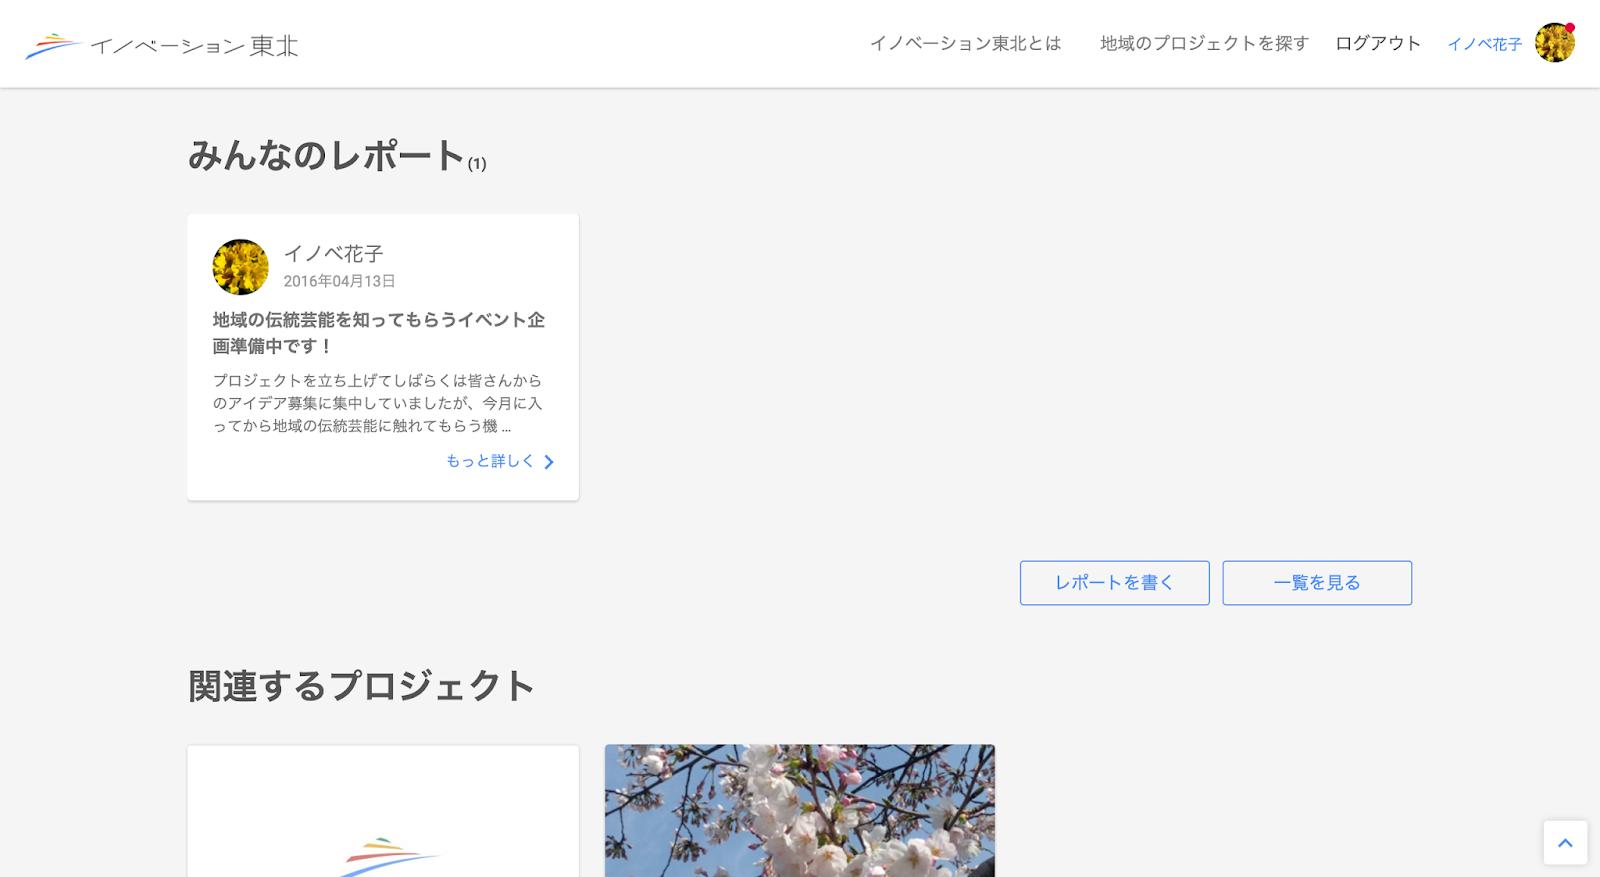 09-地域の伝統芸能を日本中の人に知ってもらうためのアイデアを募集! (1).png